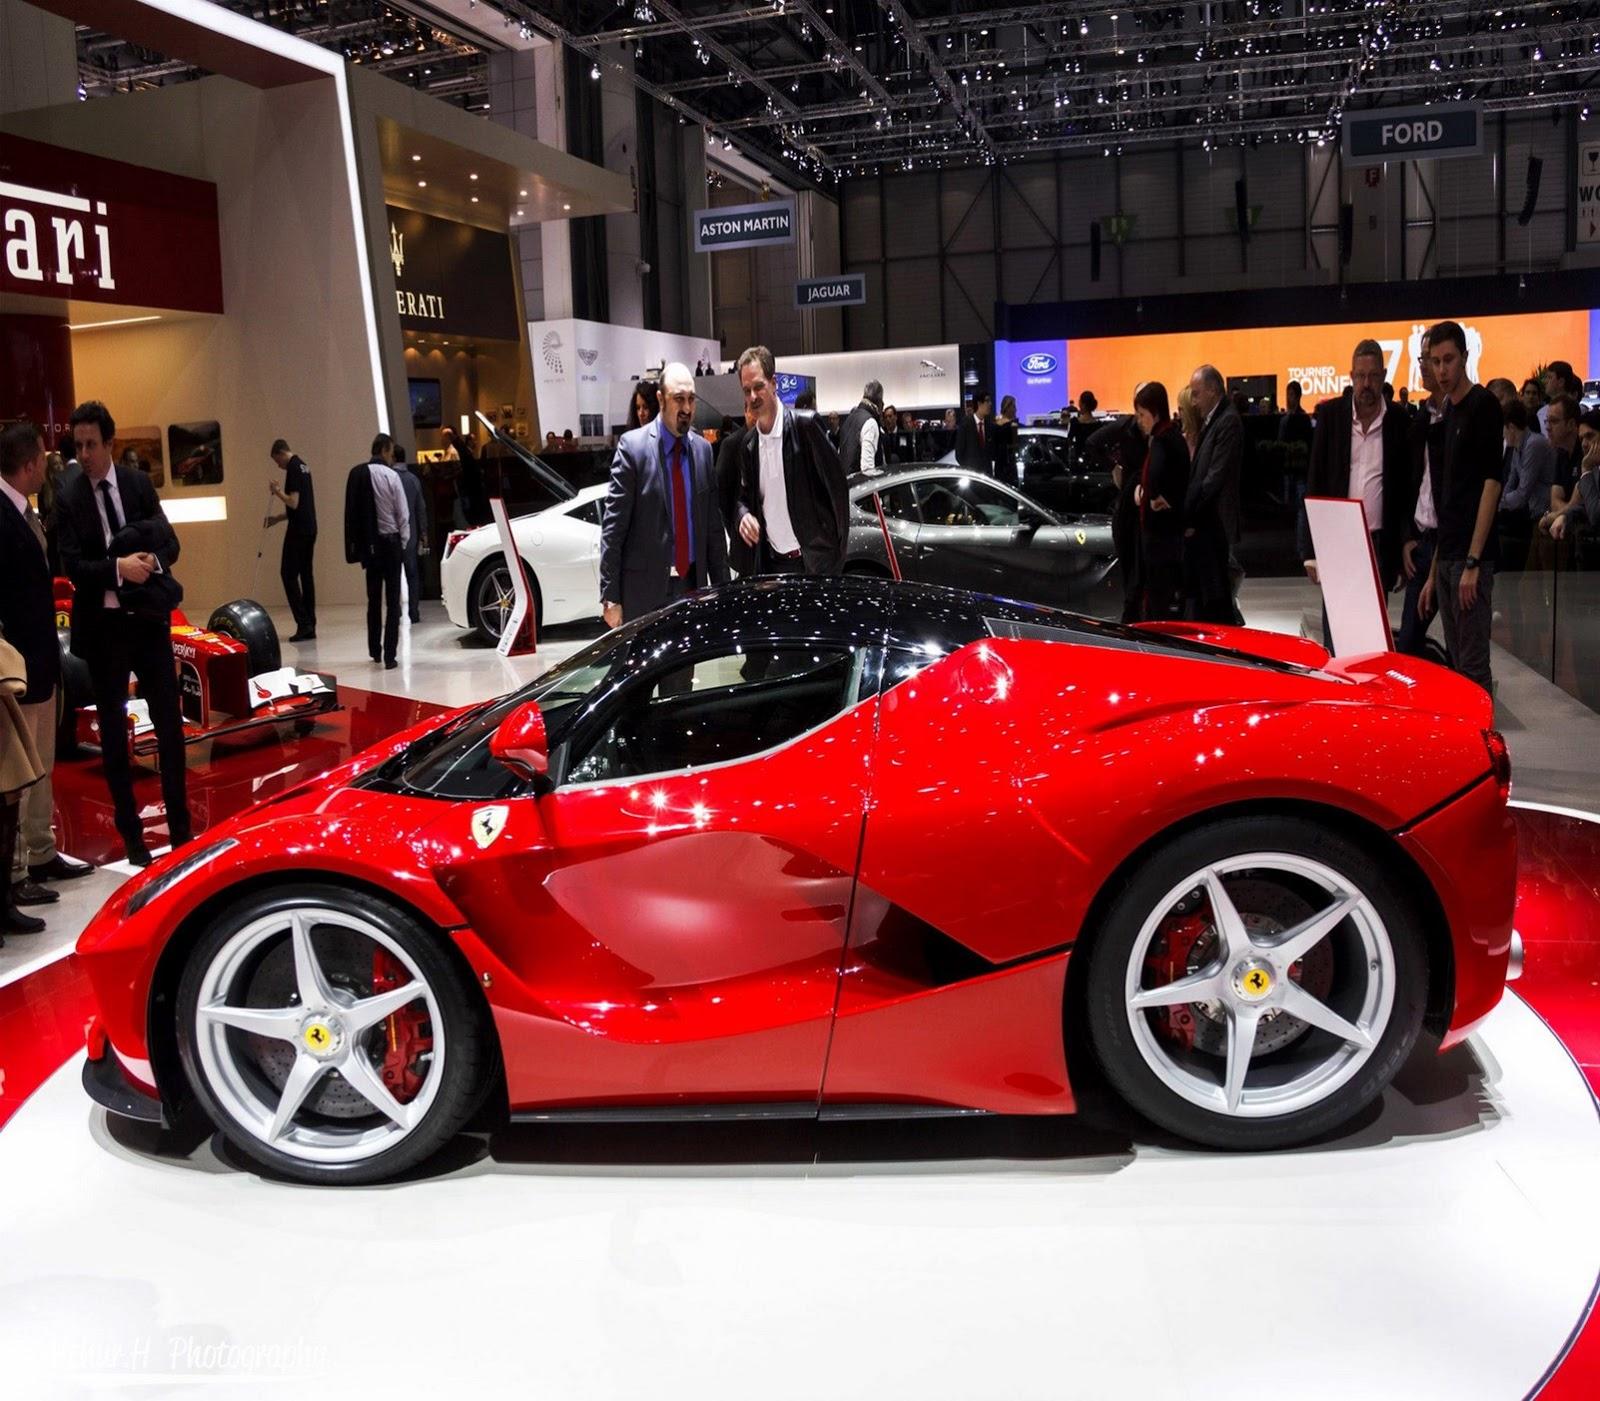 Future Ferrari: All Future Ferrari V12s Will Be Hybridised